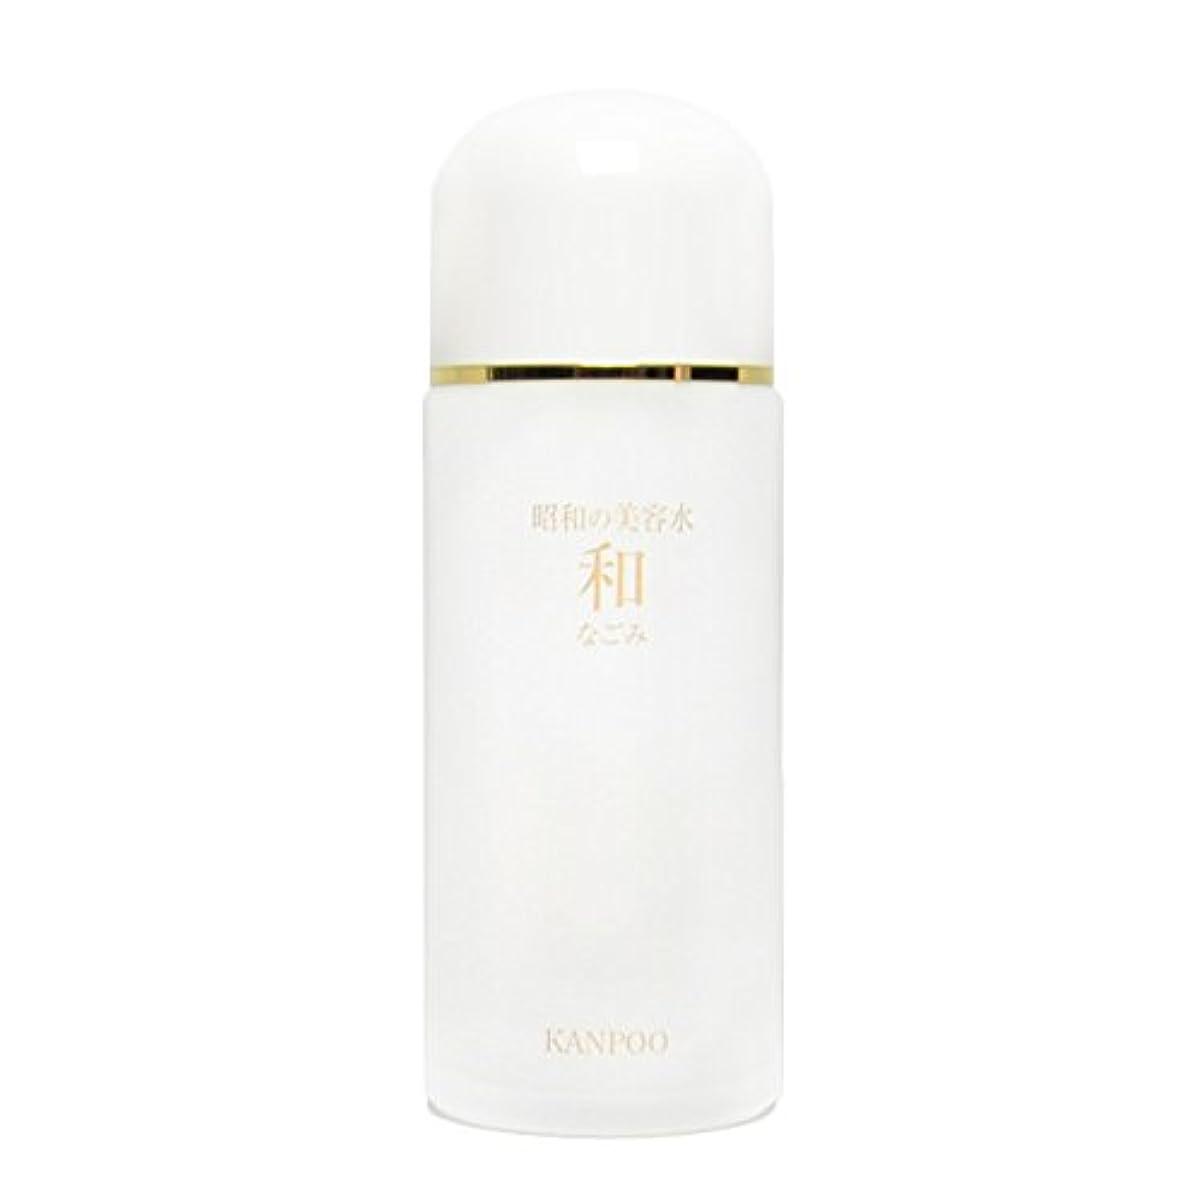 ウサギ制限されたうめき潤いコンディショニング美容水 和(なごみ) [化粧水]